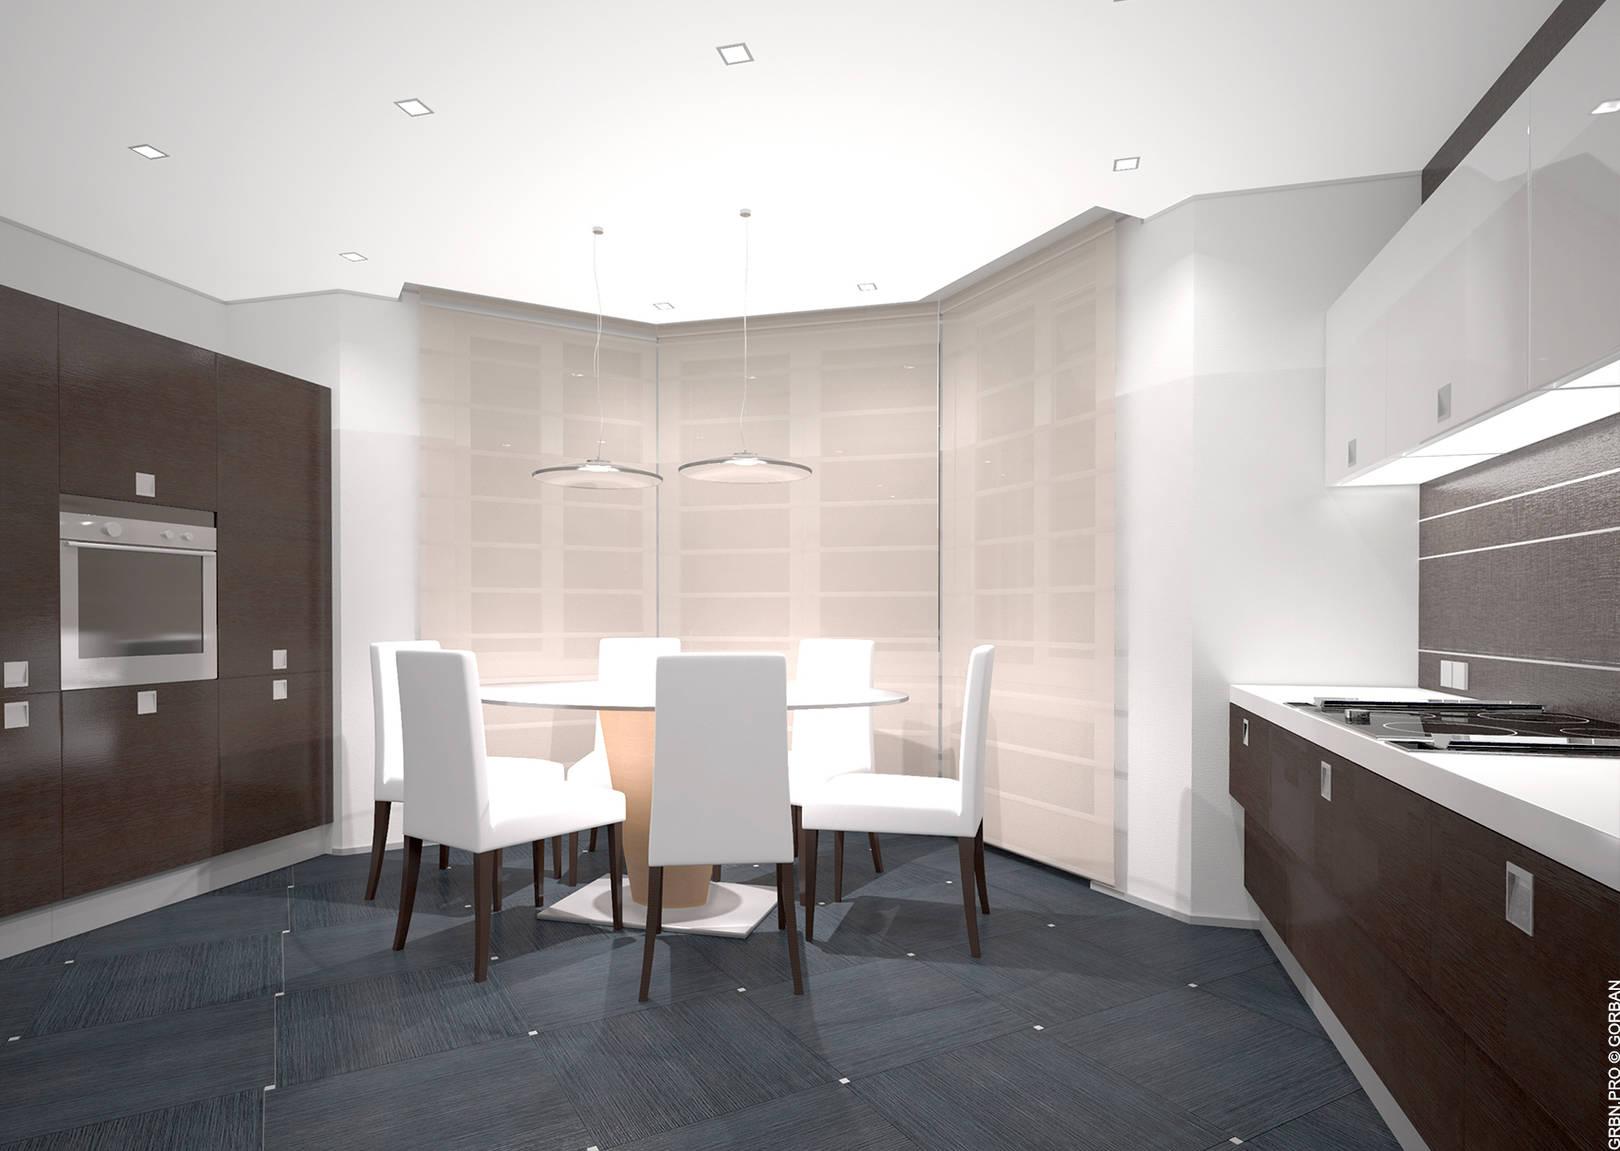 Проект интерьера квартиры. Кухня. 3D визуализация.